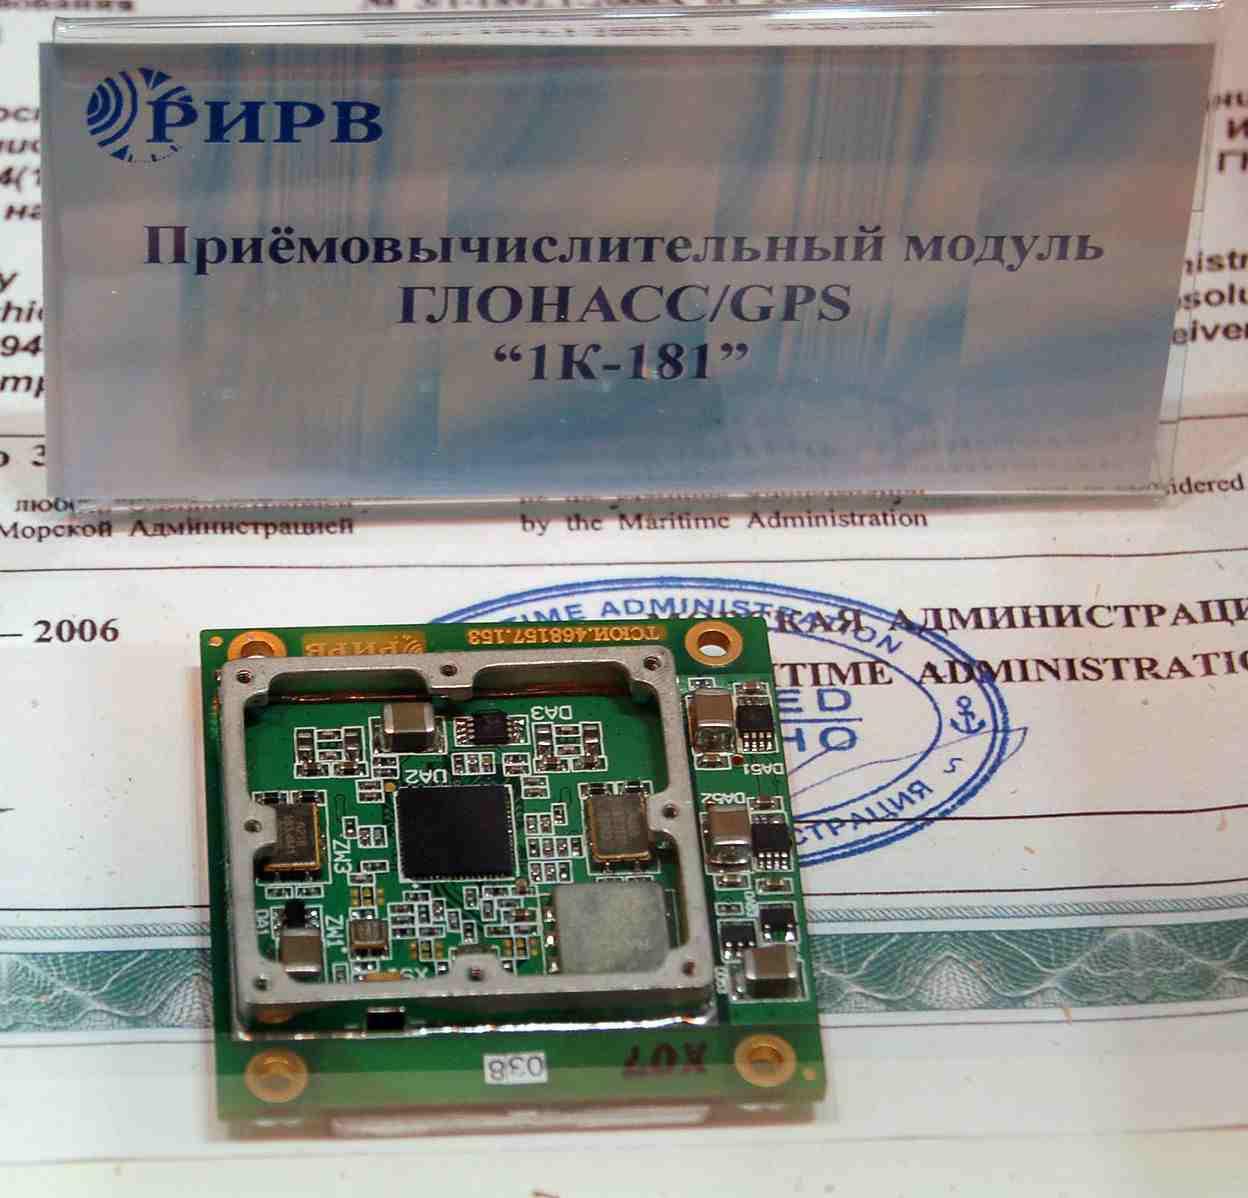 GLONASS_module_1K-181